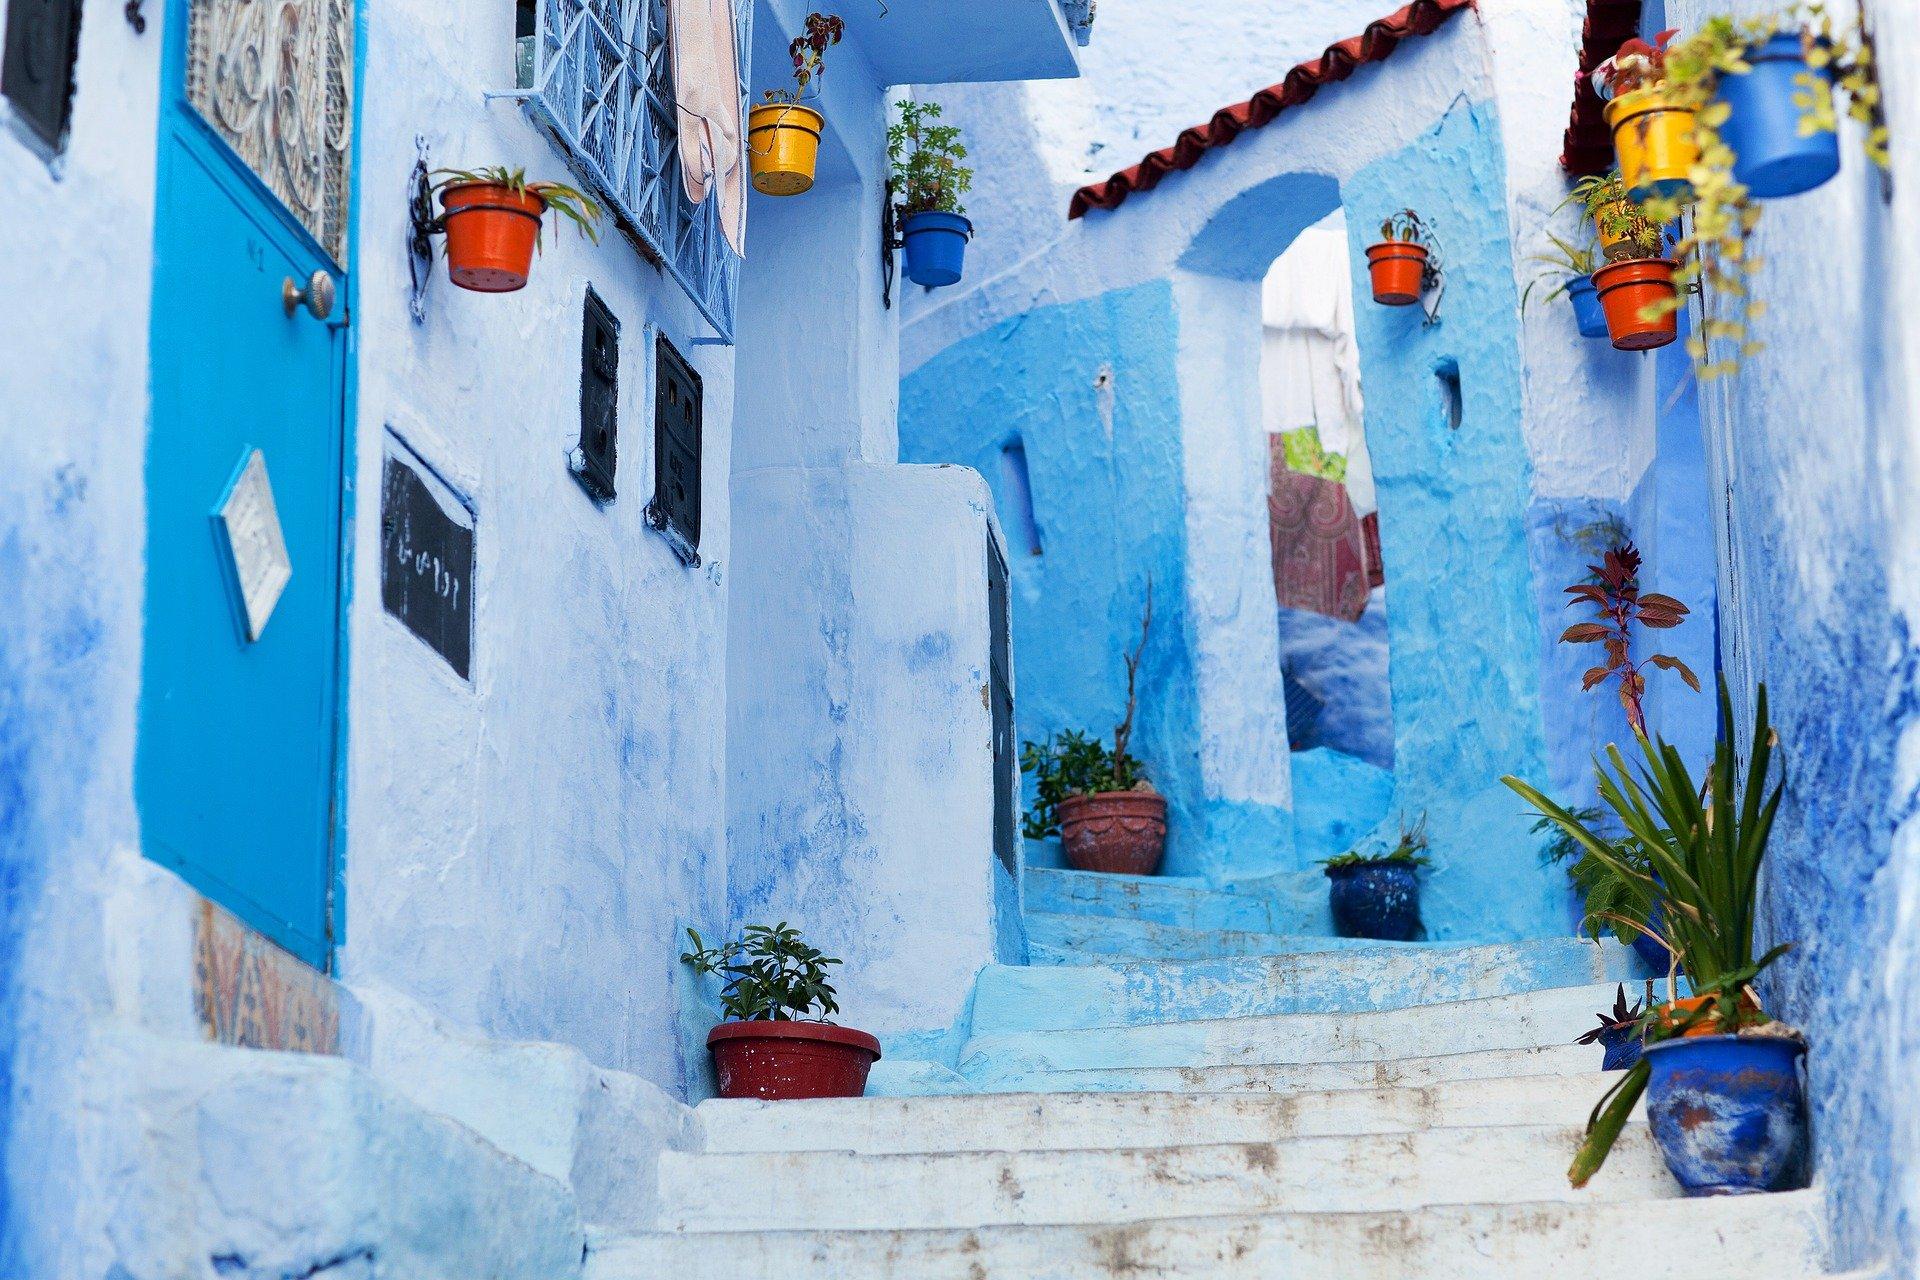 شفشاون المدينة الزرقاء التي اختيرت أجمل سادس مدينة في العالم